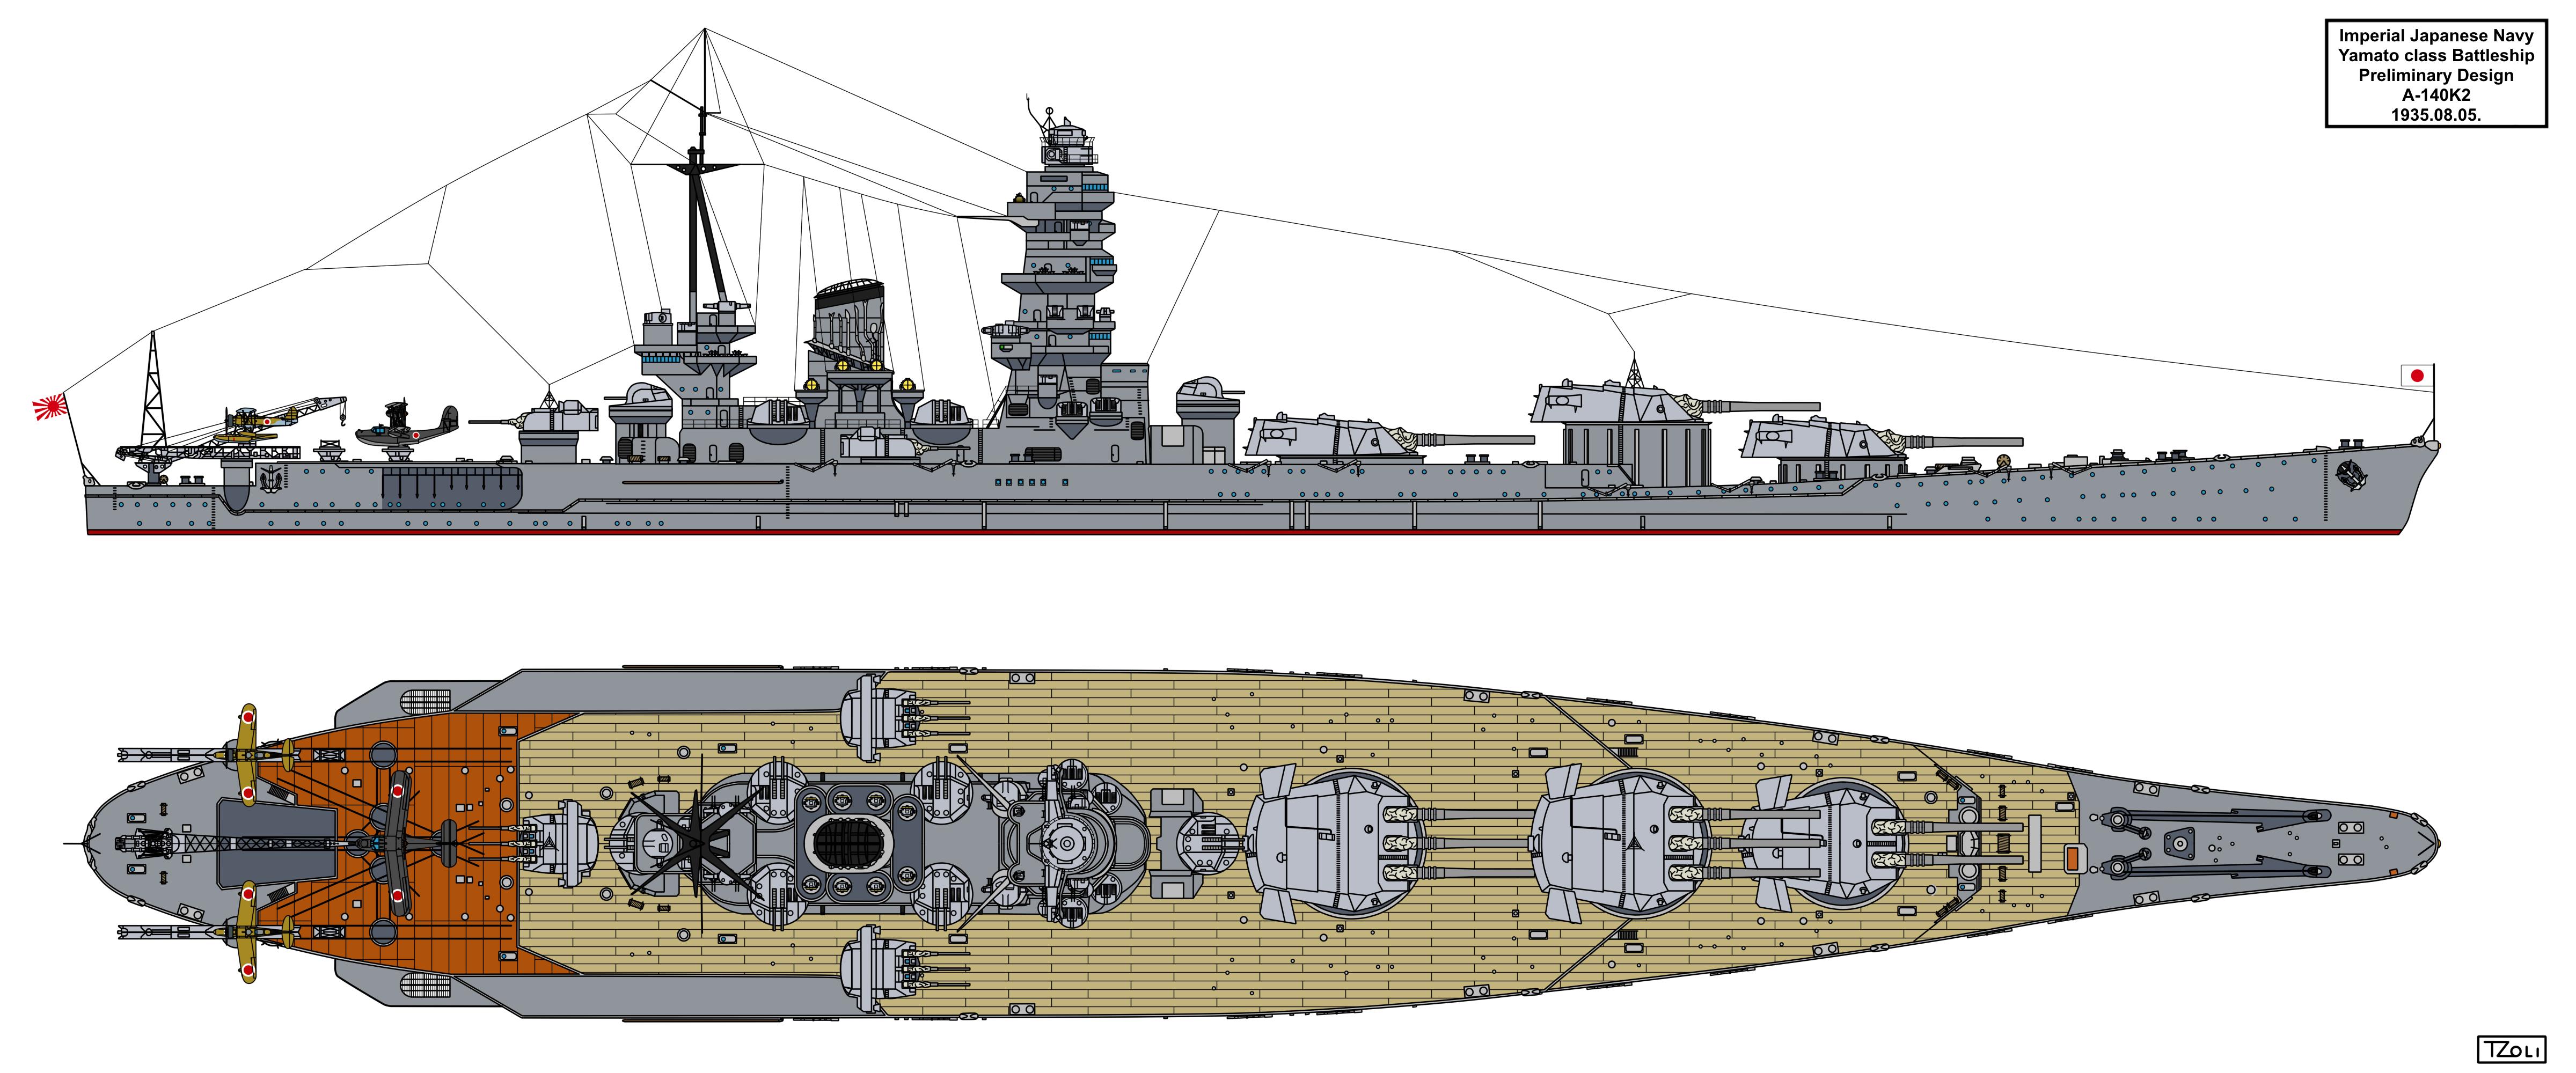 Yamato class genesis – Warship Projects 1900-1950